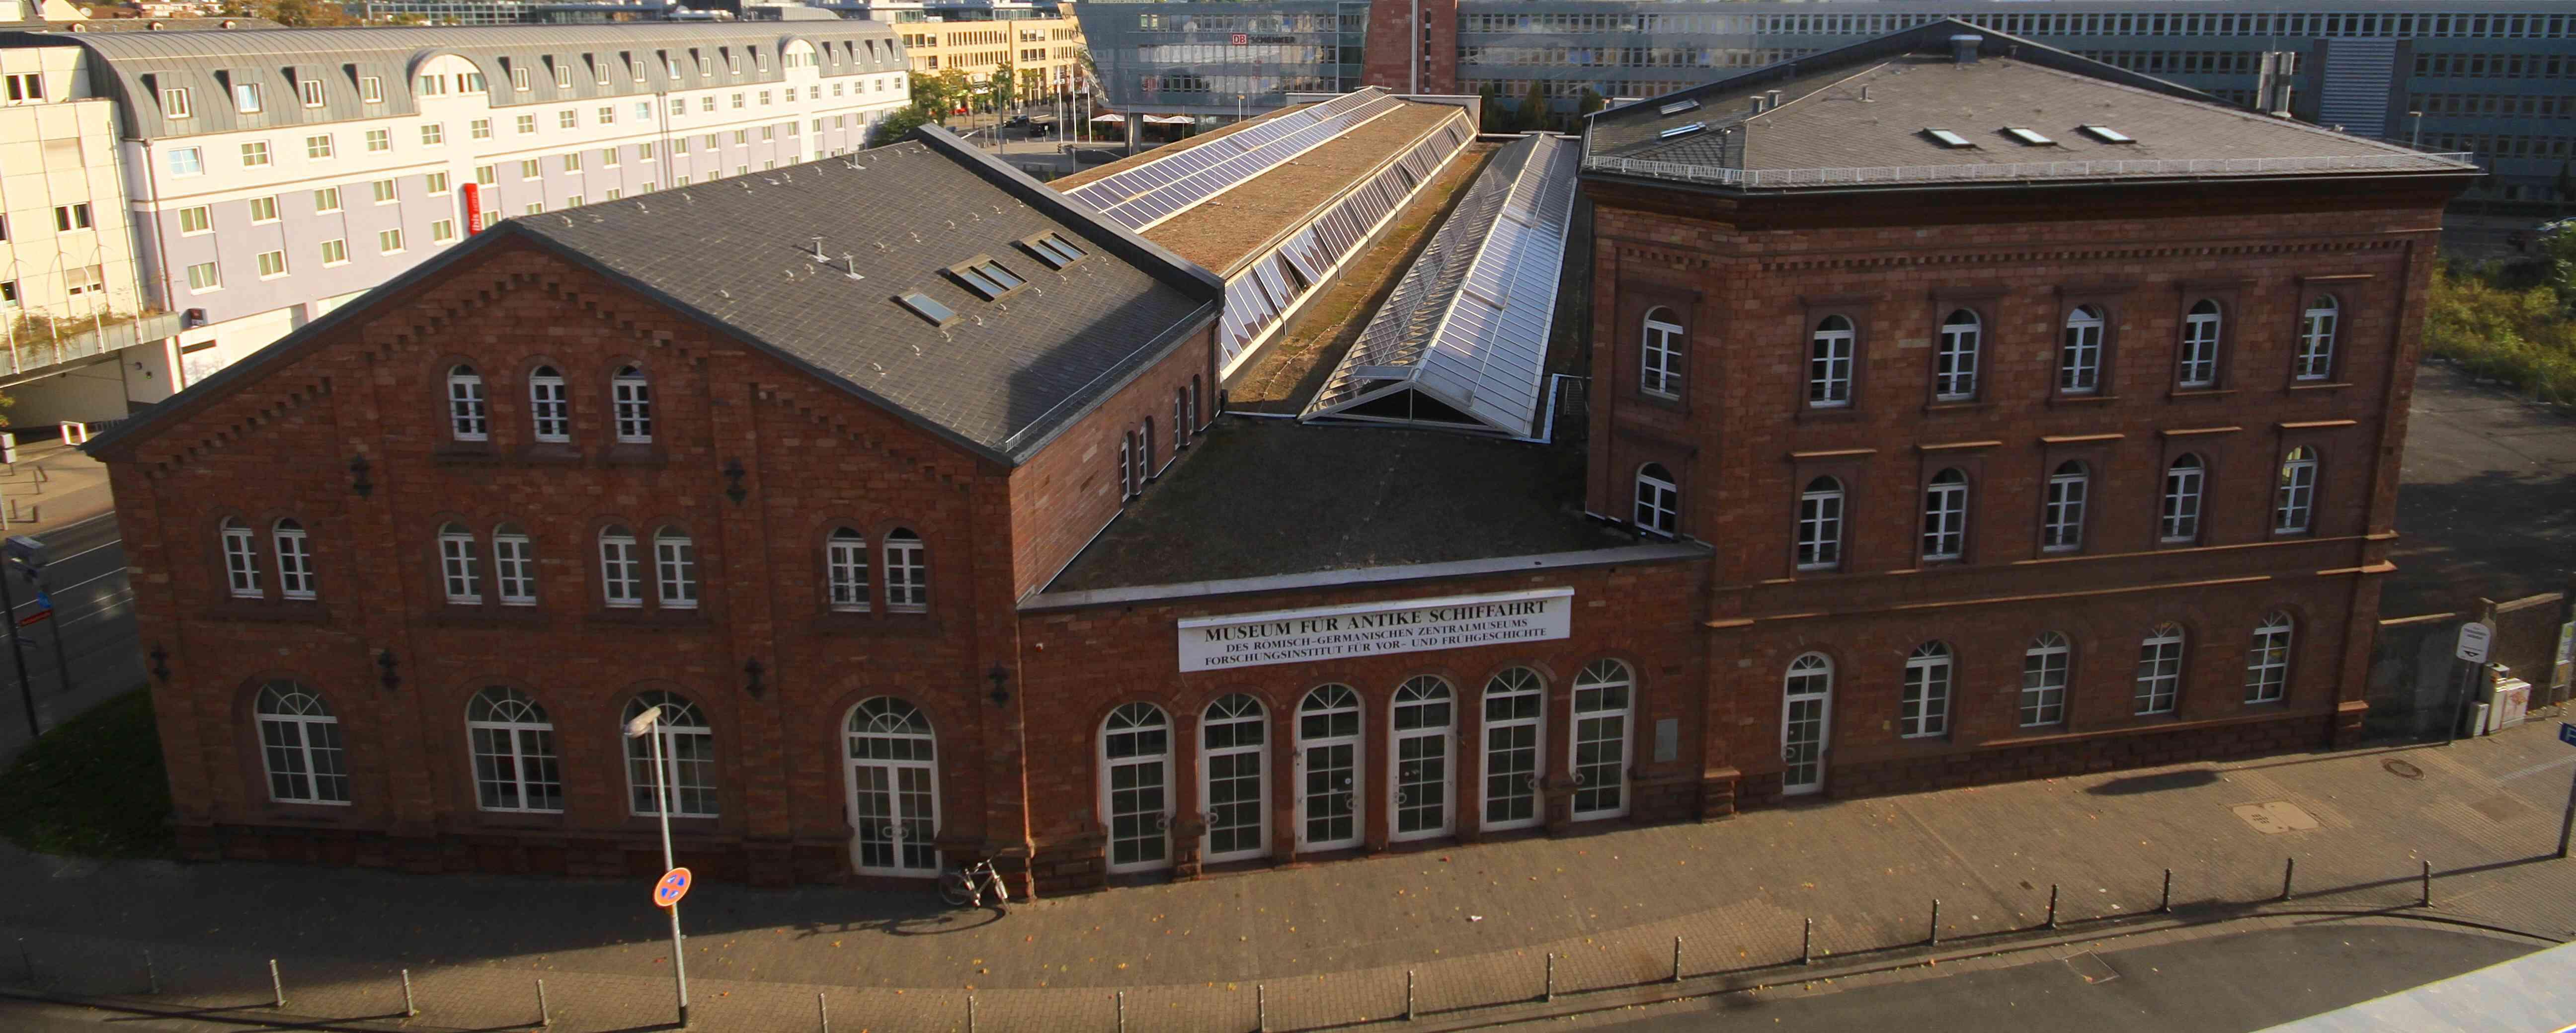 Mainz Schifffahrtsmusem